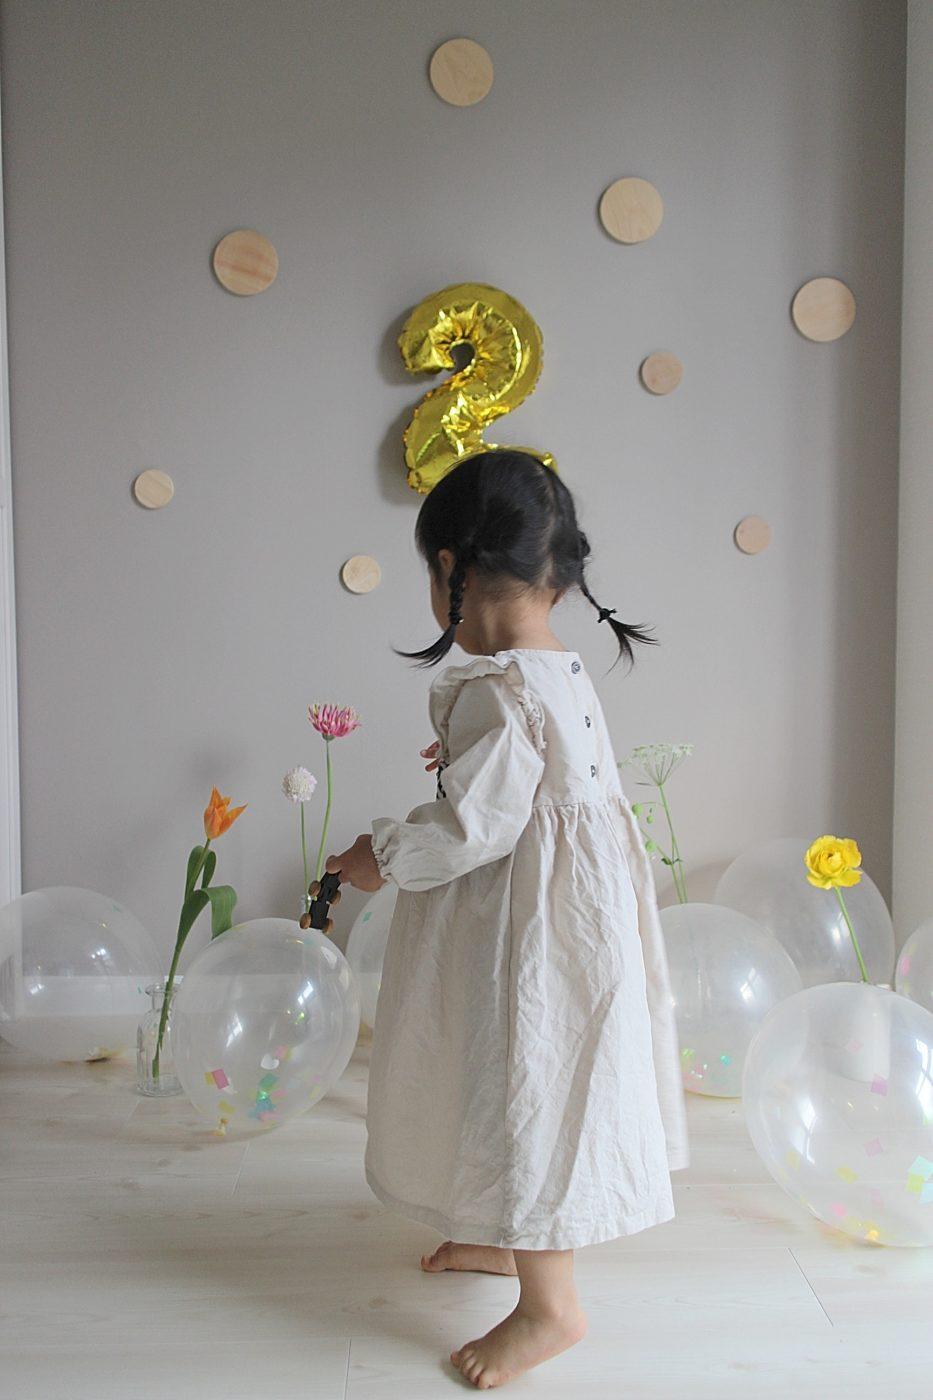 おうちでフォトブース自宅誕生日フォト写真の飾りつけ、バルーン、お花